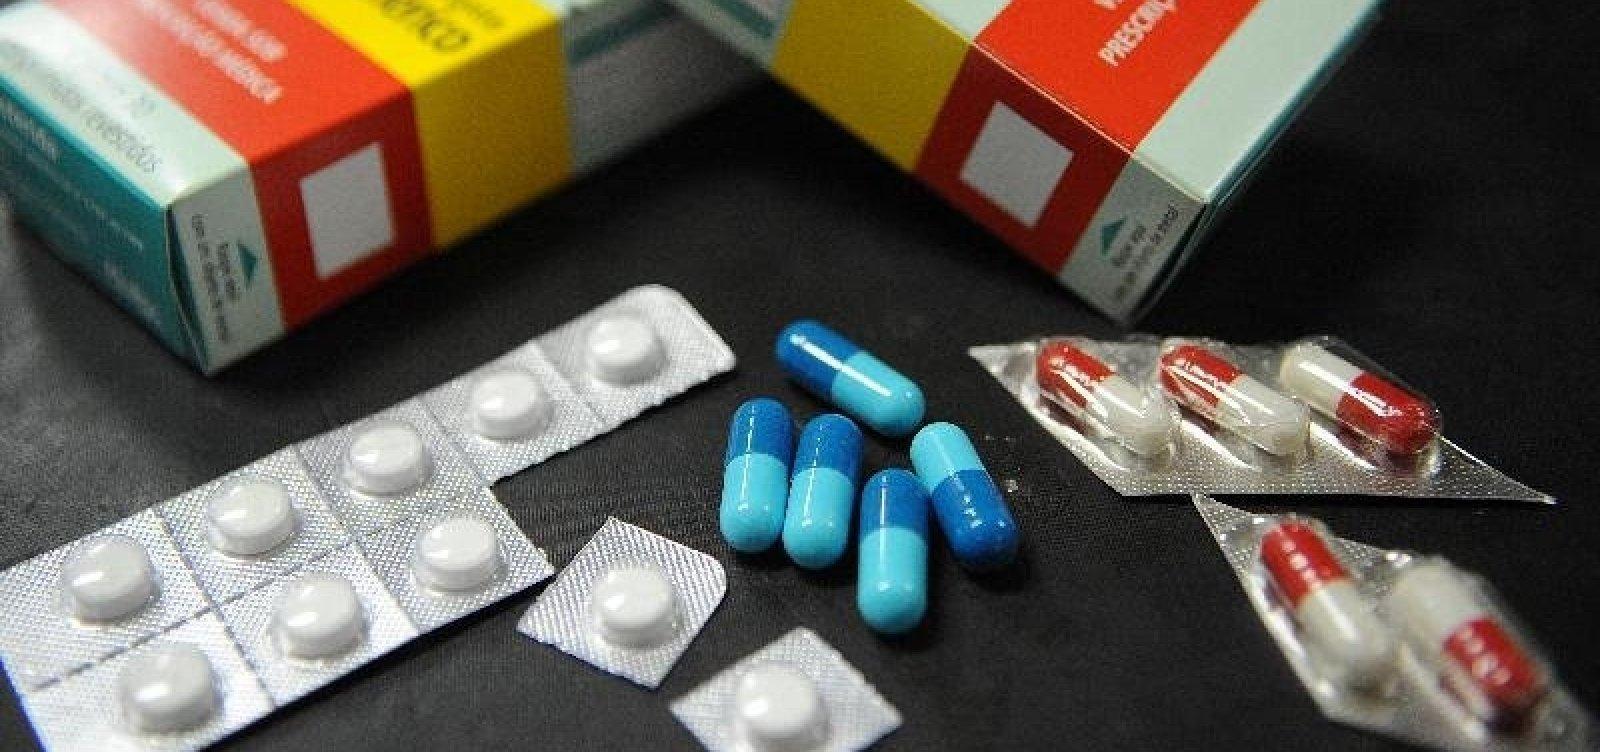 [Antiinflamatório é eficaz na redução de mortes de pacientes graves internados com Covid-19, diz estudo]